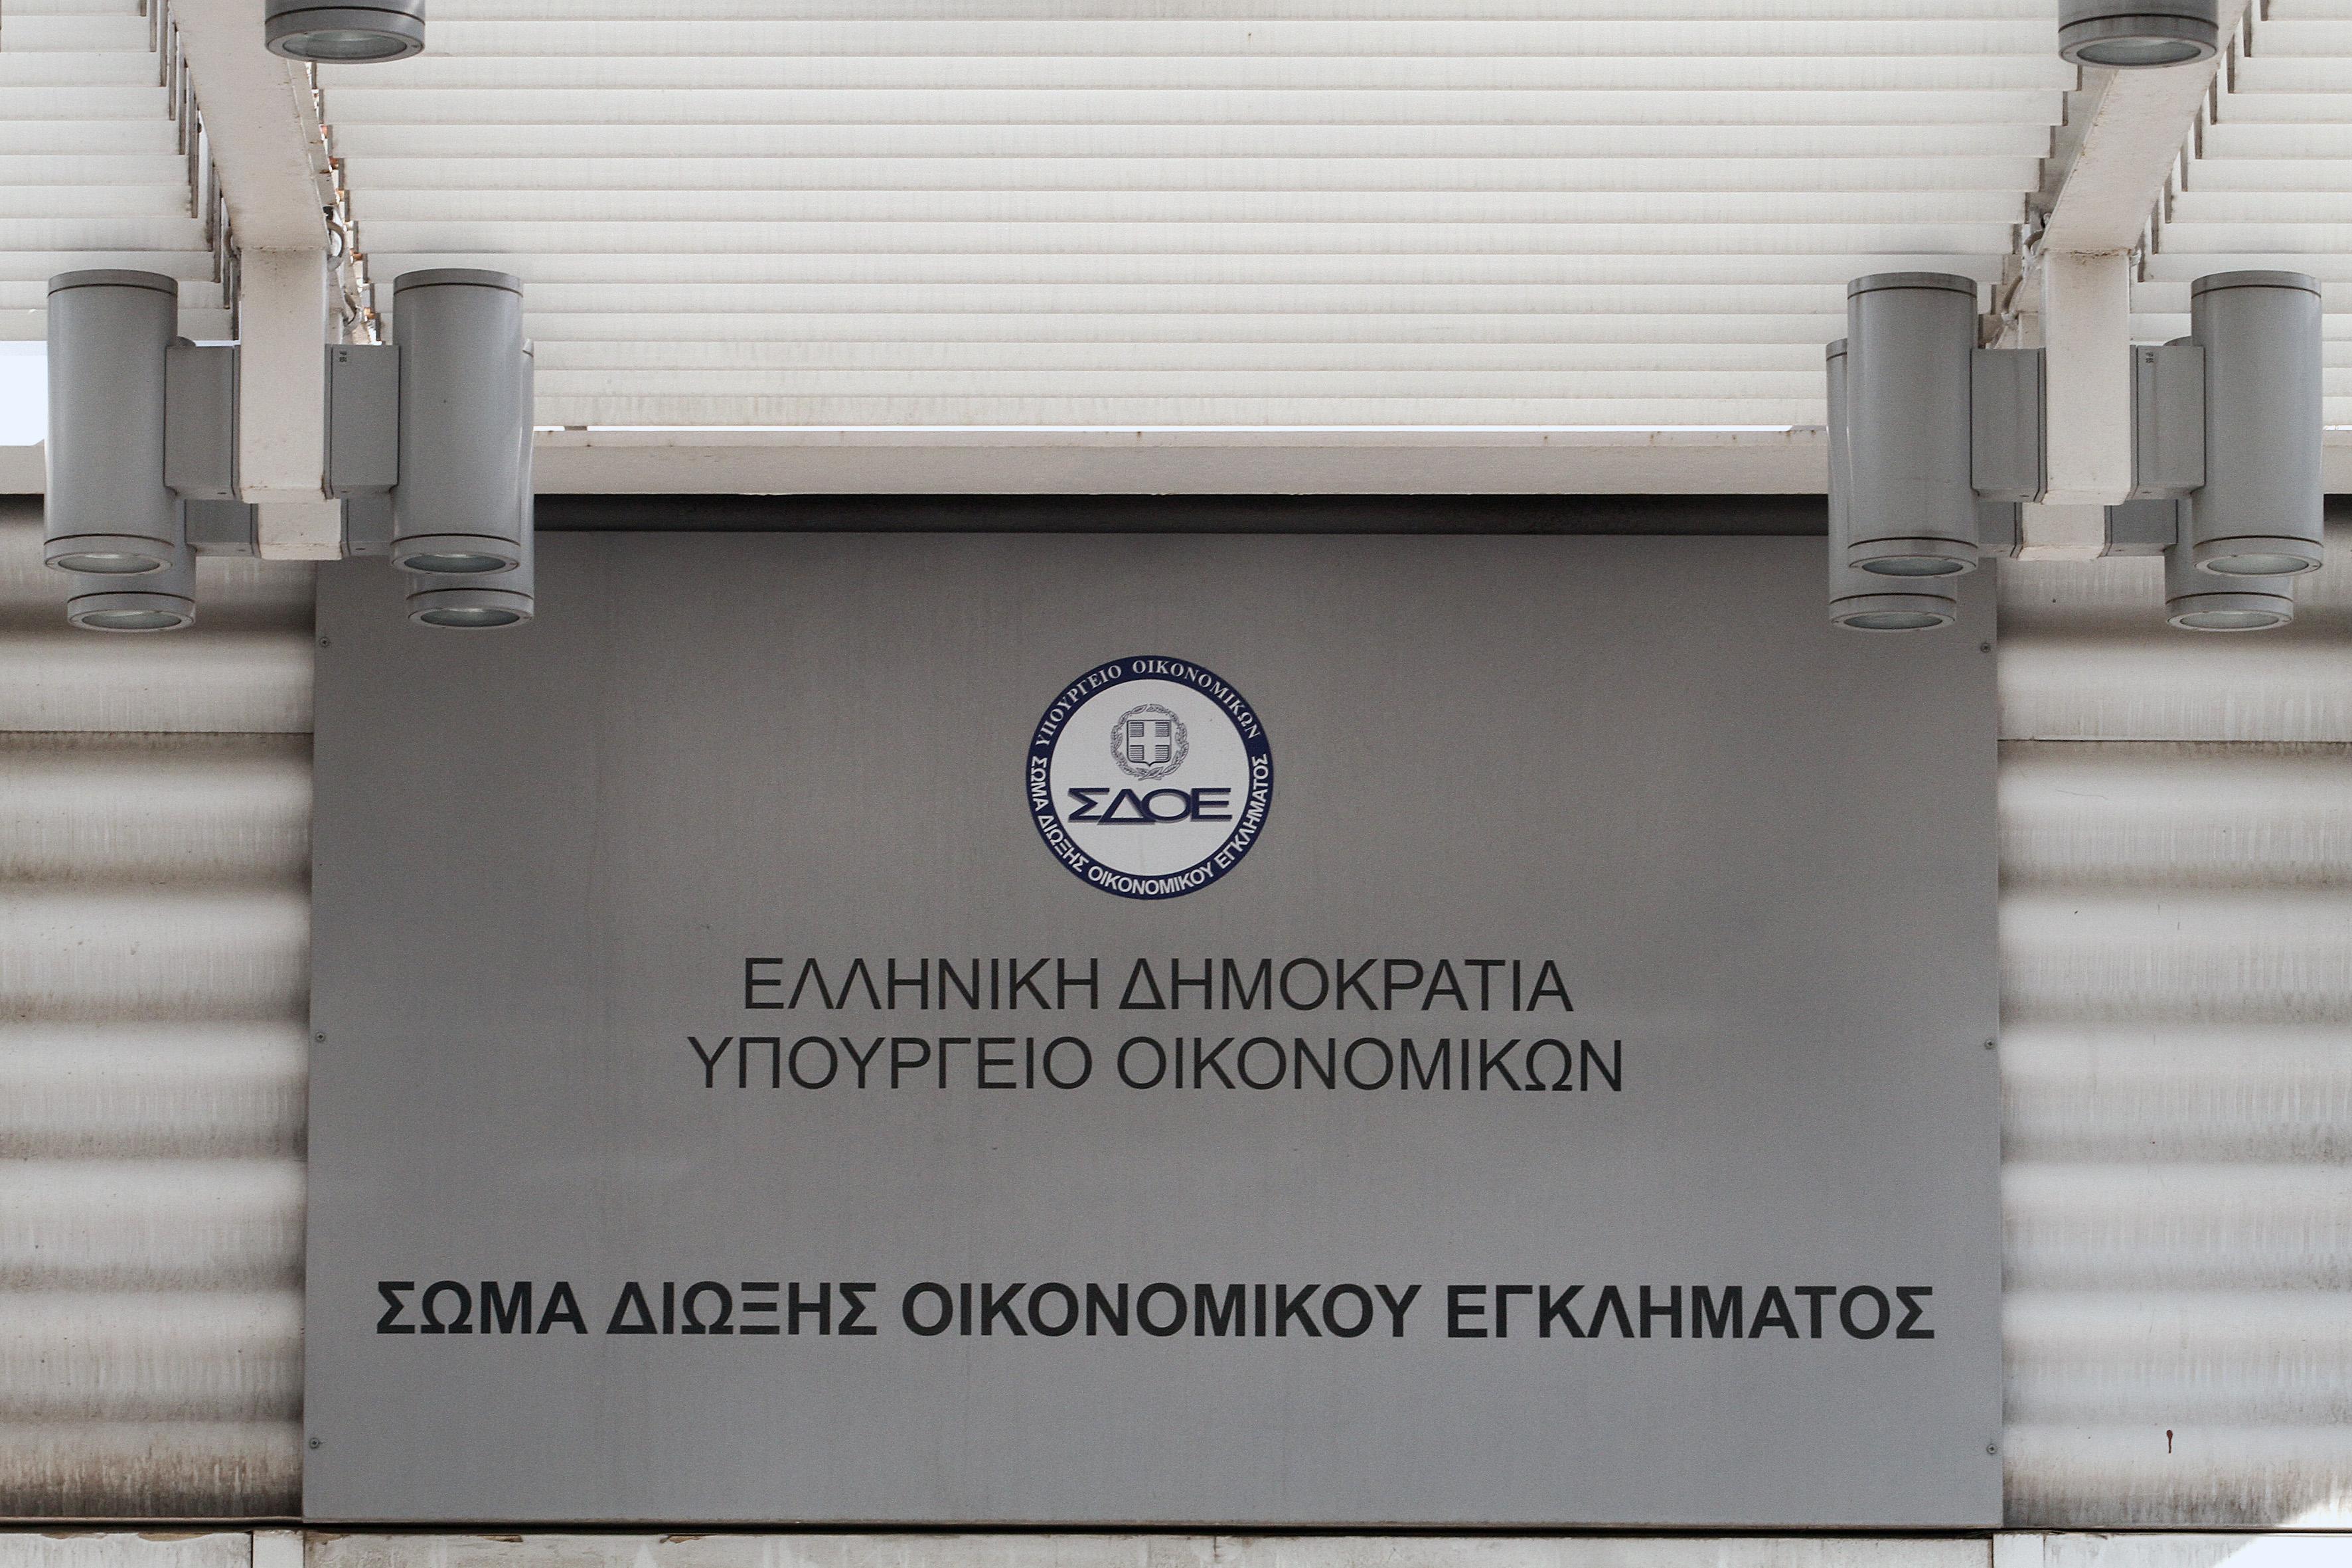 Πάνω από 8.500 μηνύσεις από ΣΔΟΕ-ΔΟΥ για φοροδιαφυγή το 2013 | tovima.gr